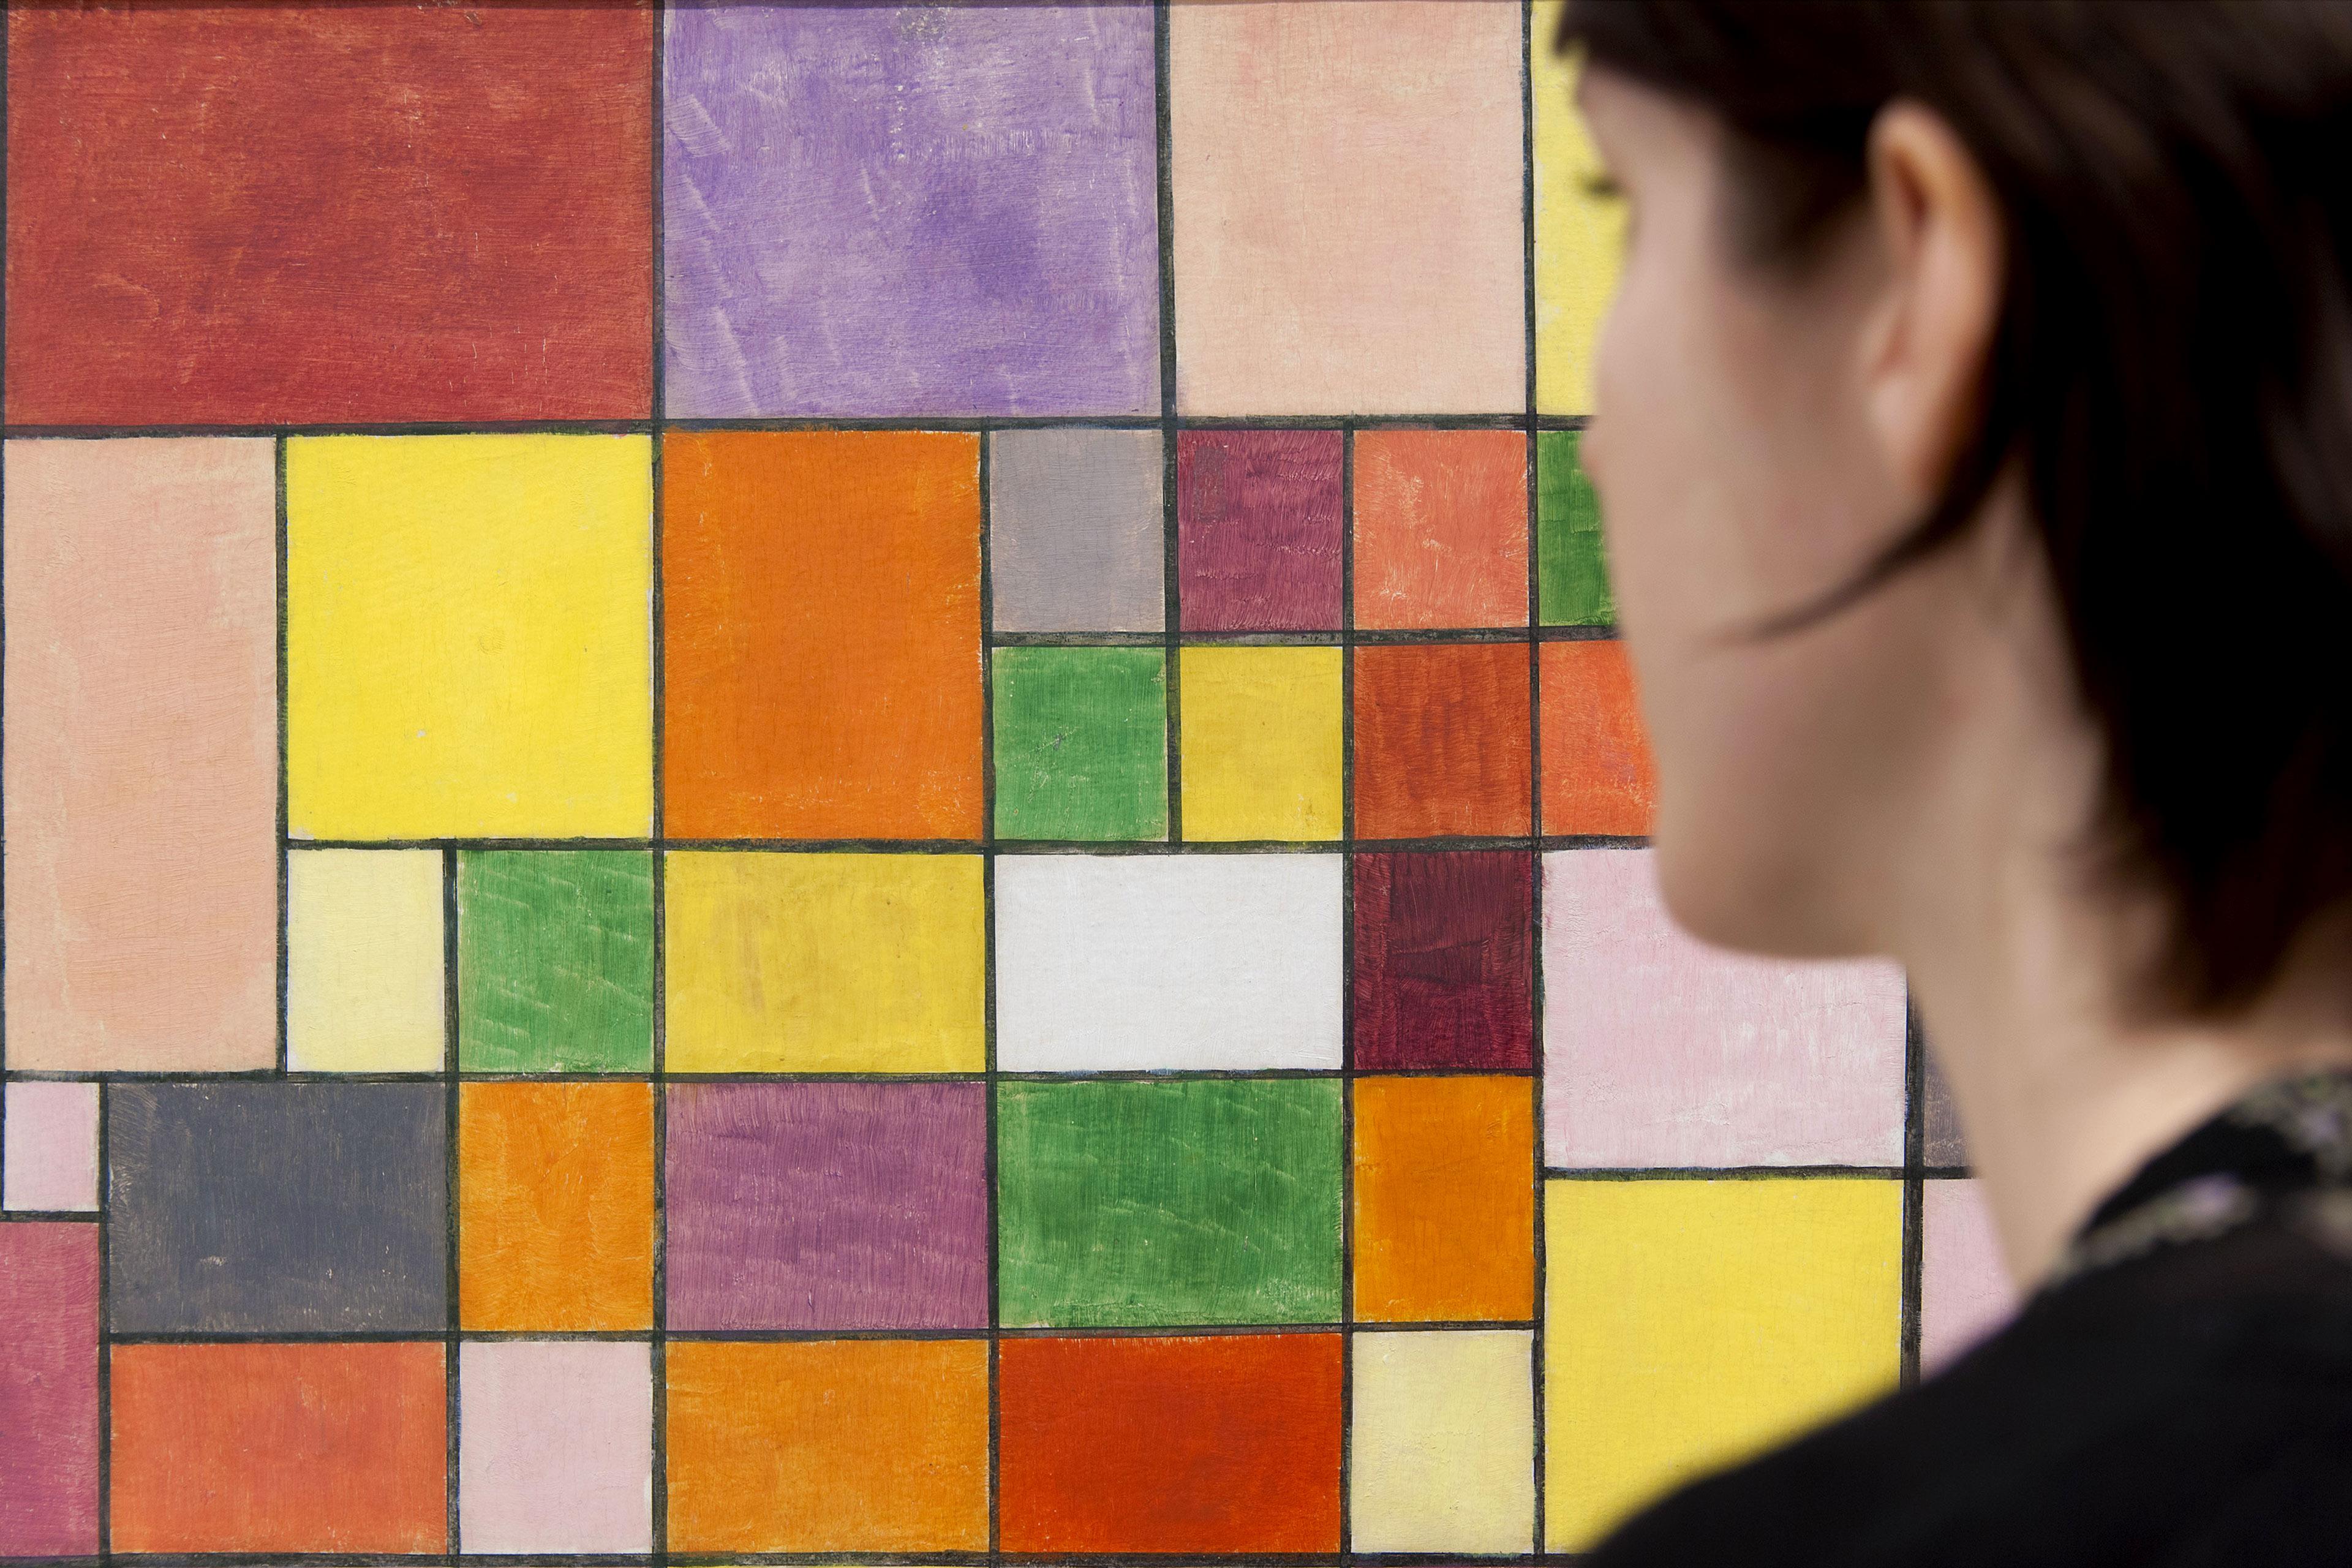 EY Paul Klee Painting